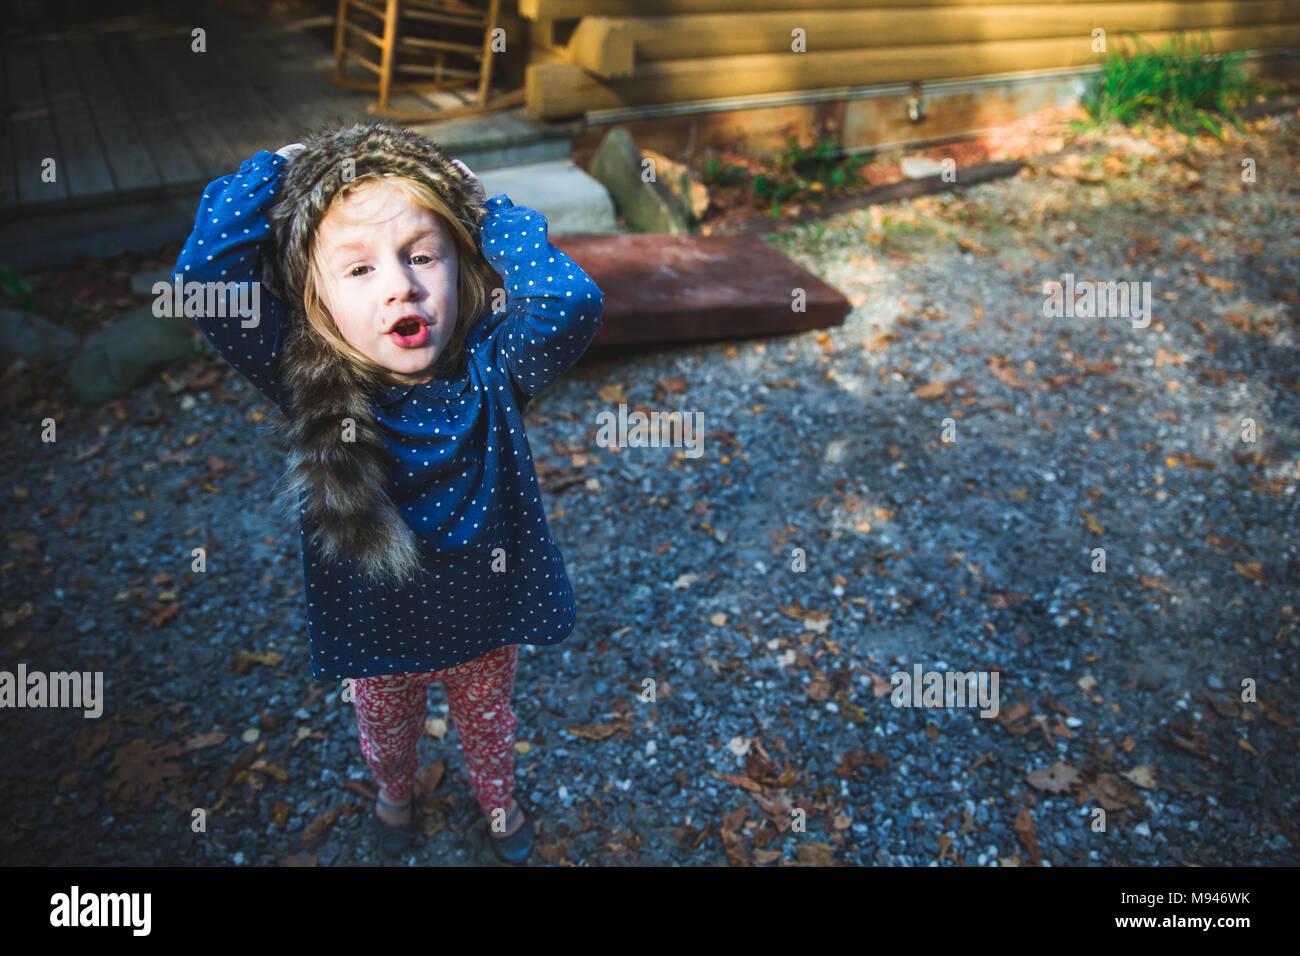 Fille avec coonskin cap sur Photo Stock